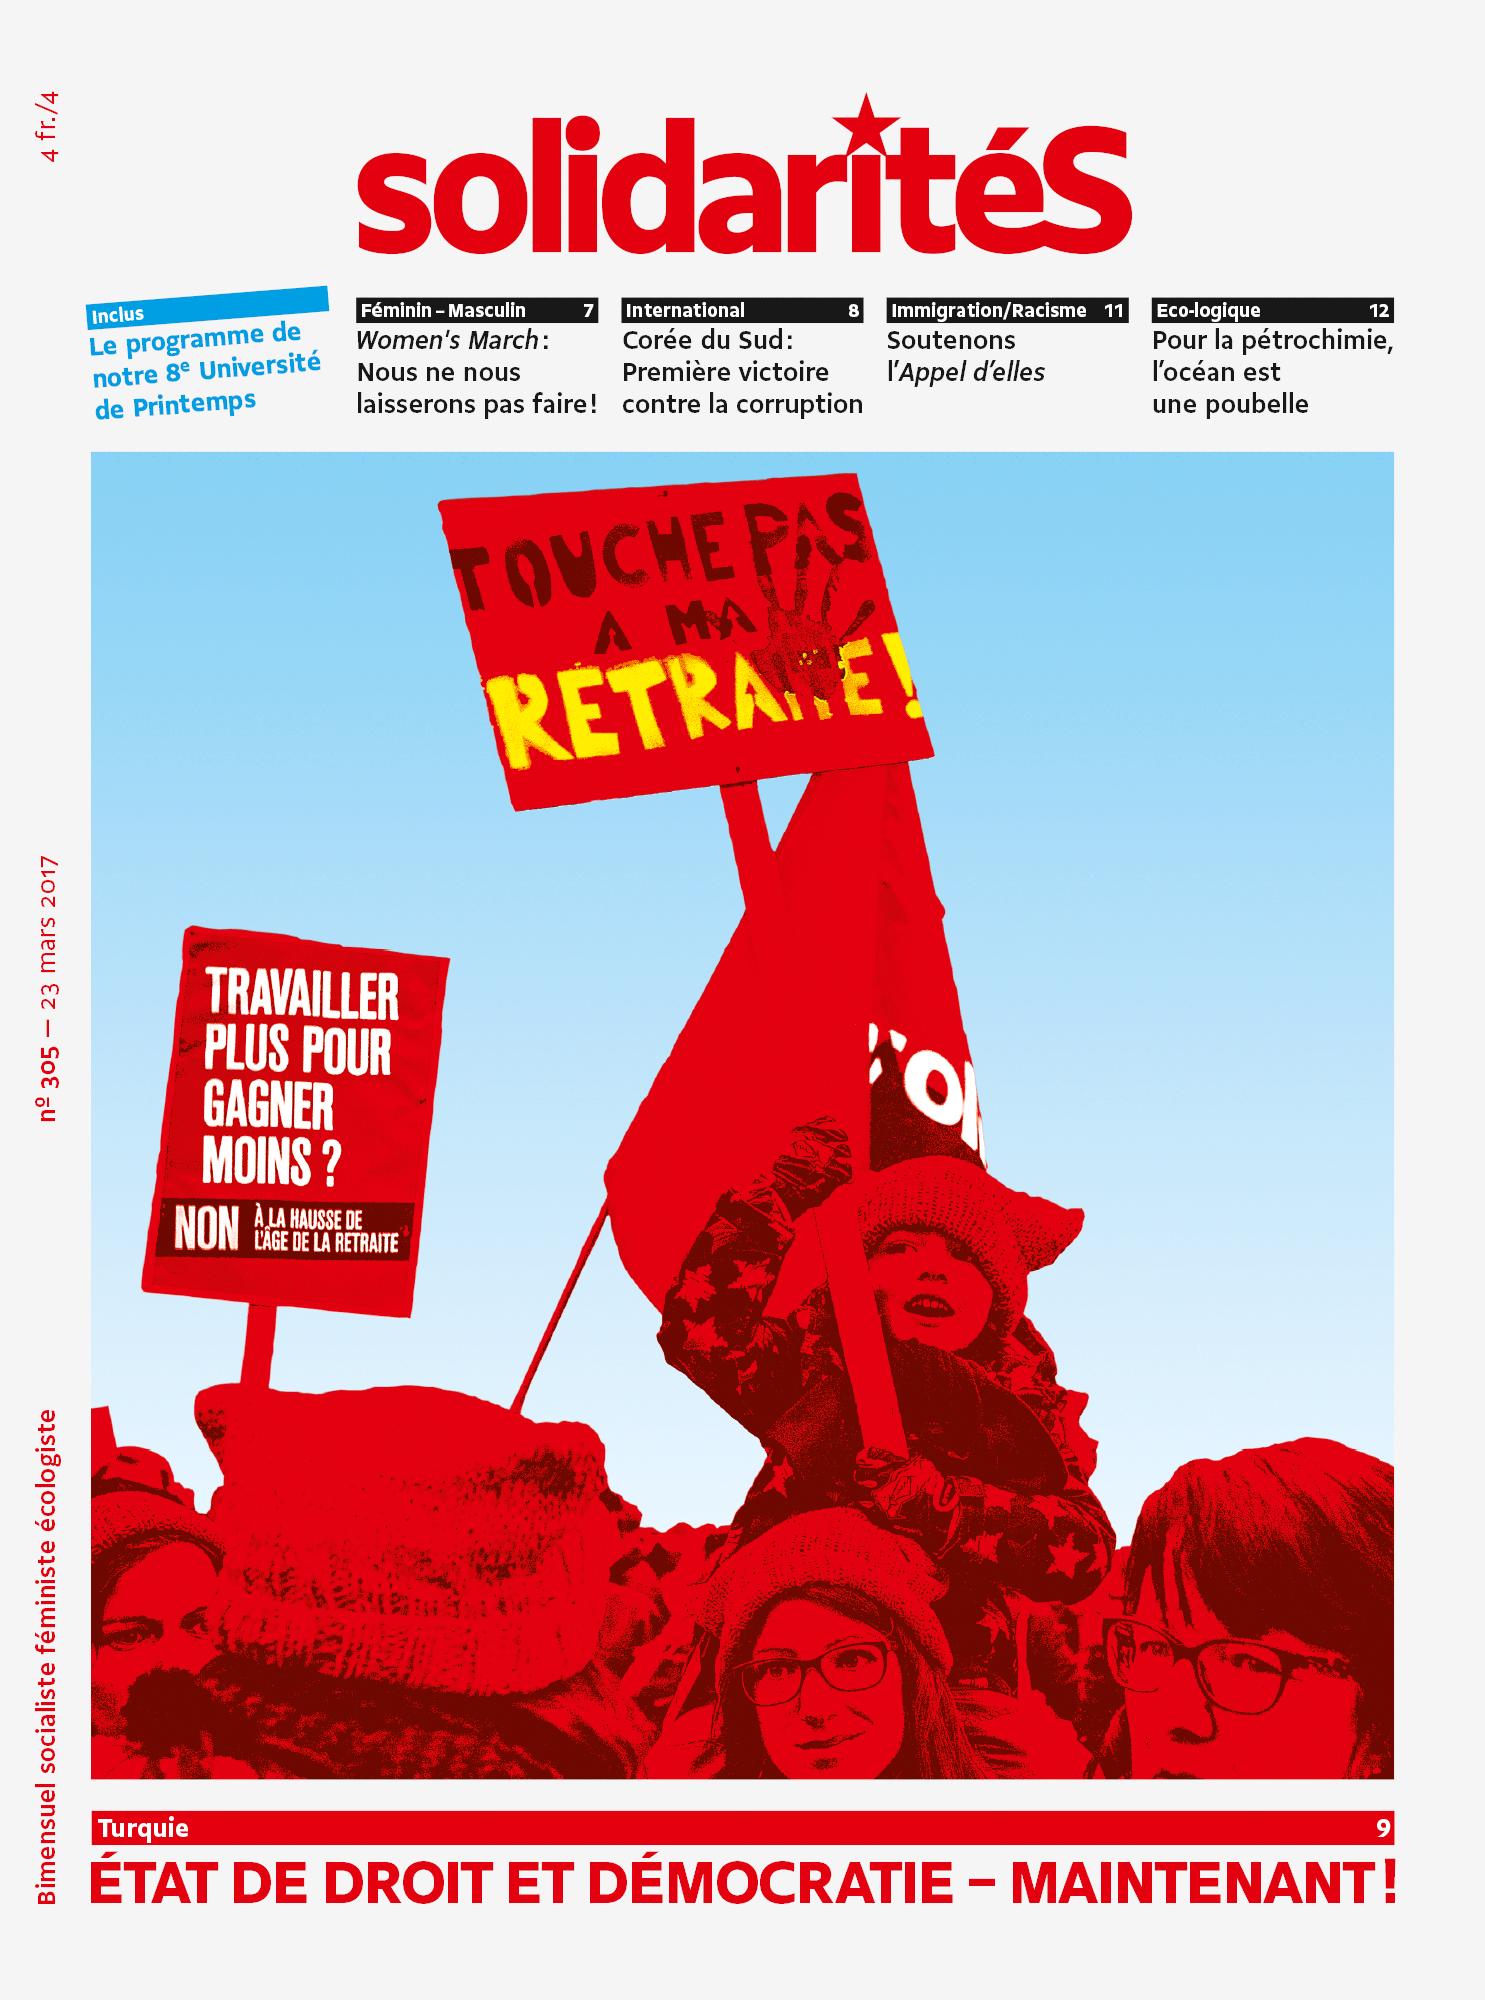 Couverture du numéro 305 du bimensuel solidaritéS